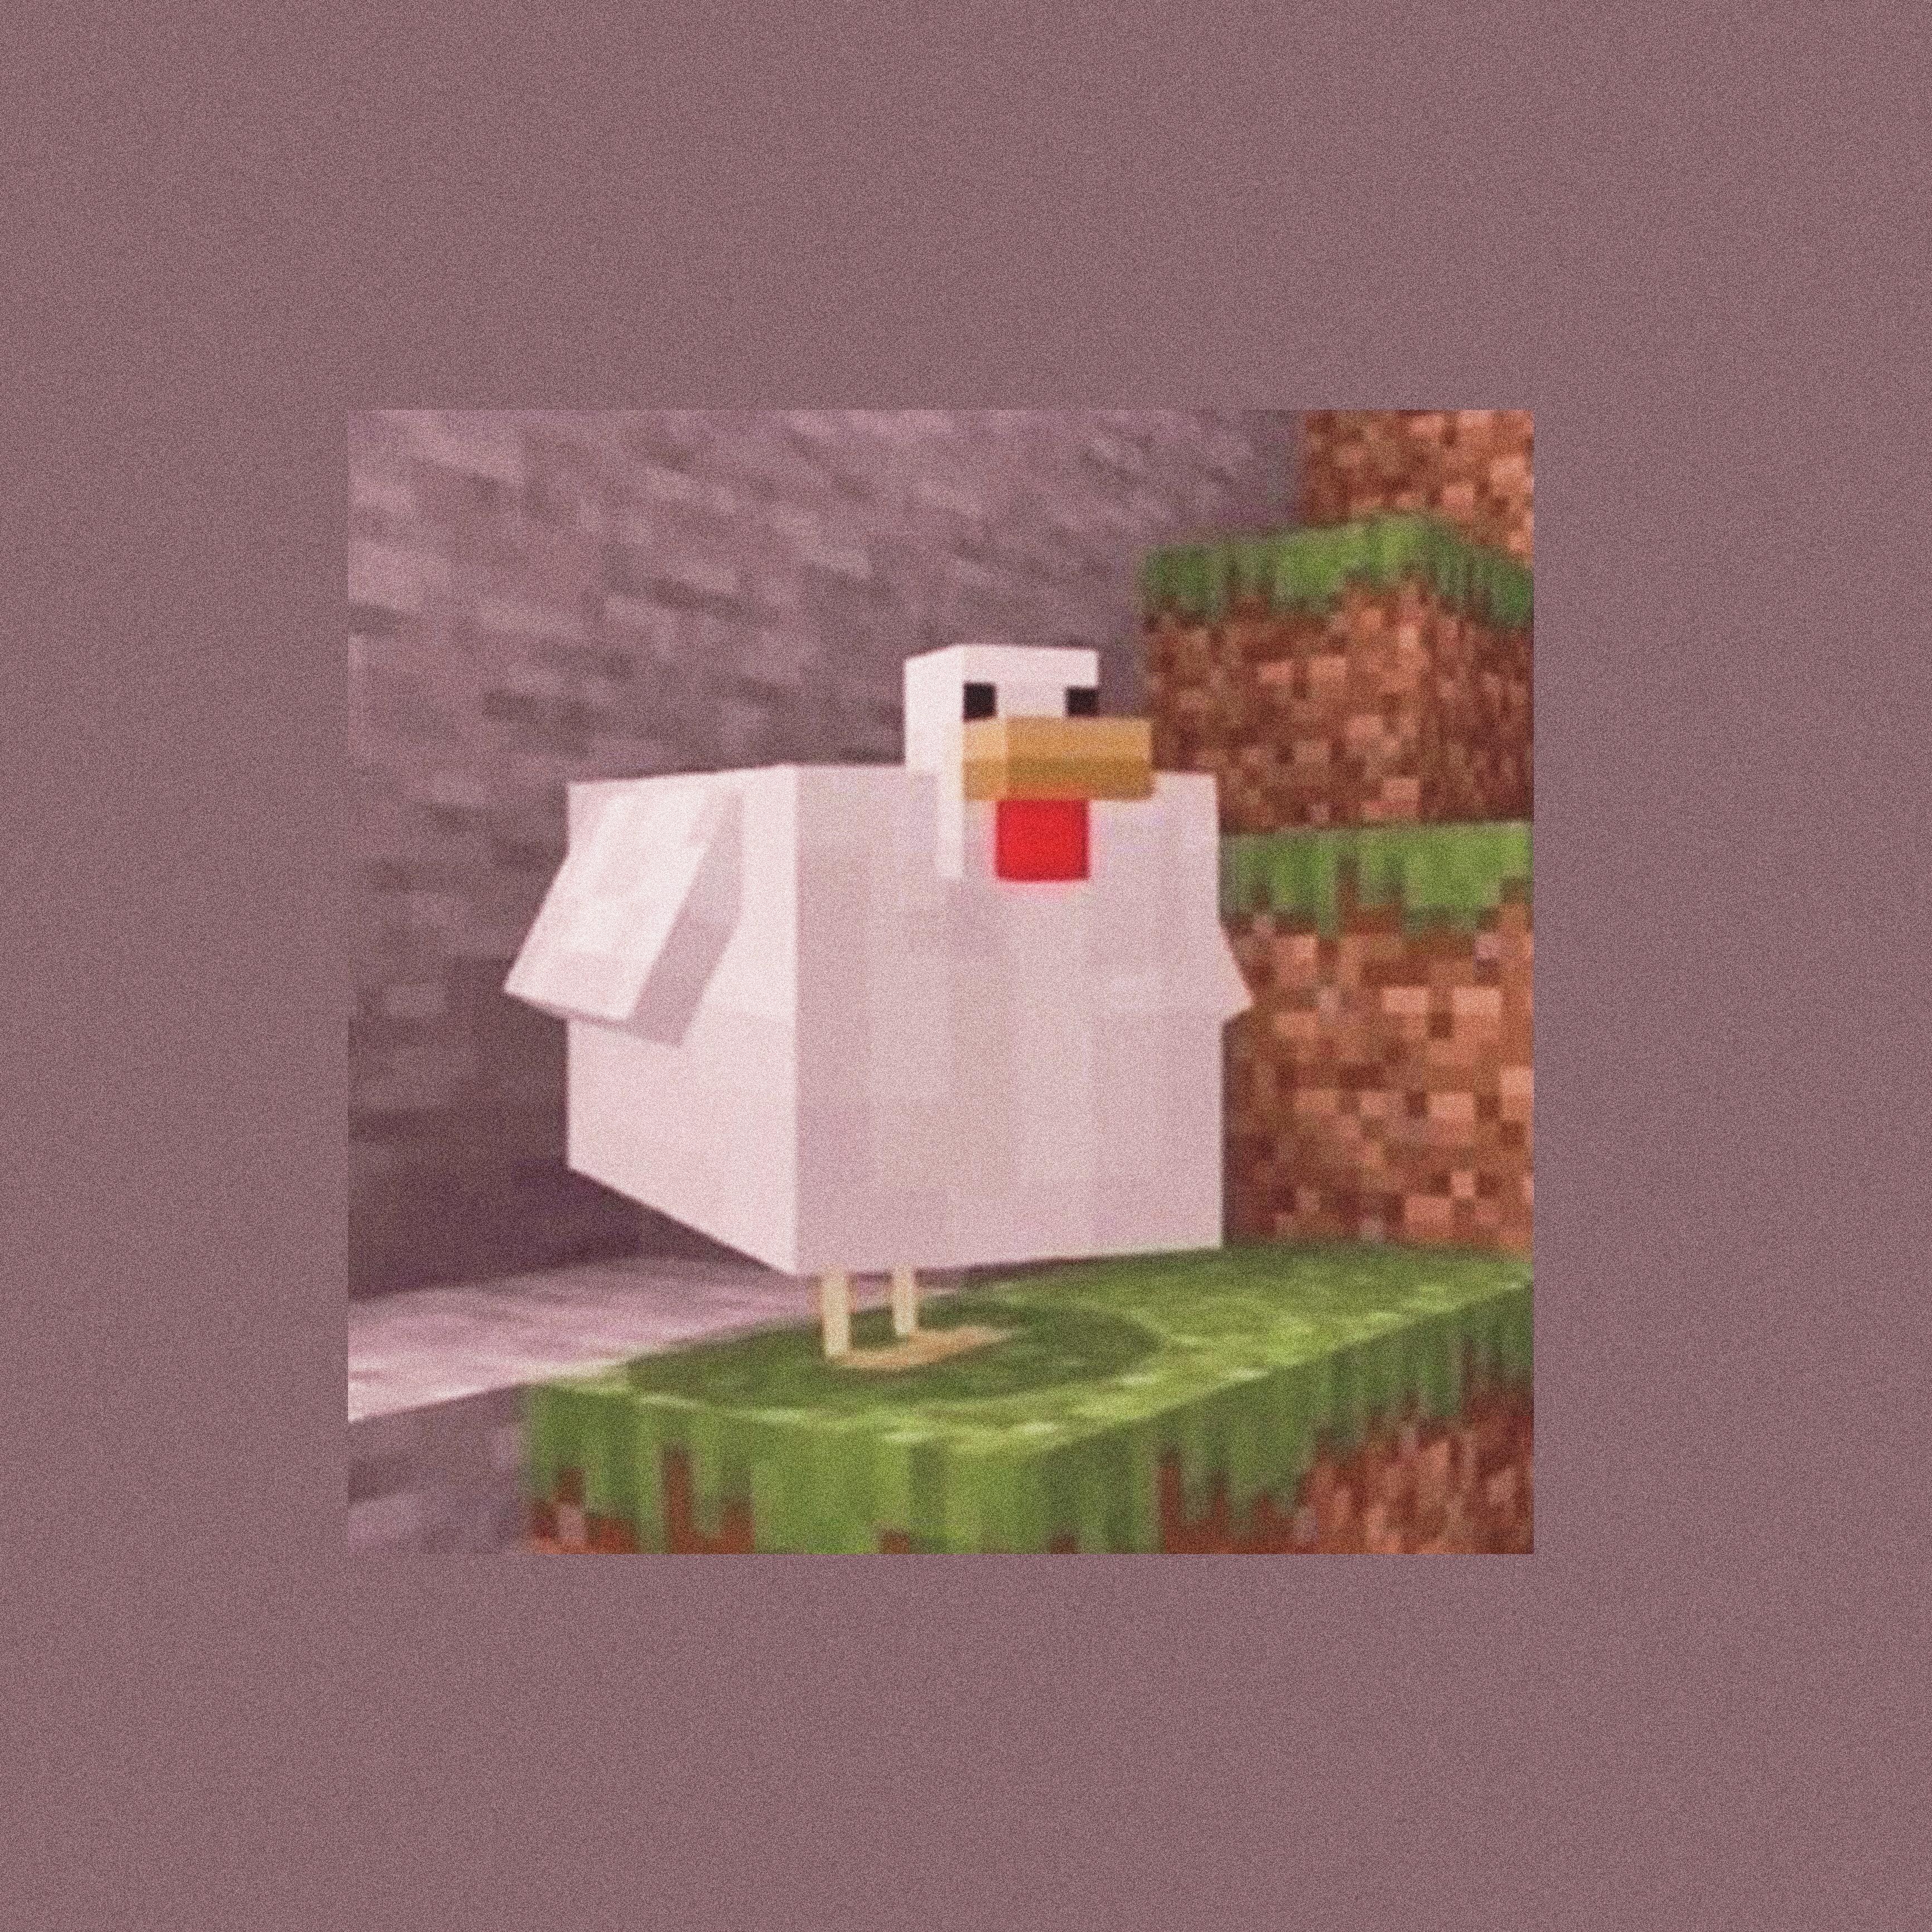 Minecraft Chicken Videogames Edit Image By Bianka 3